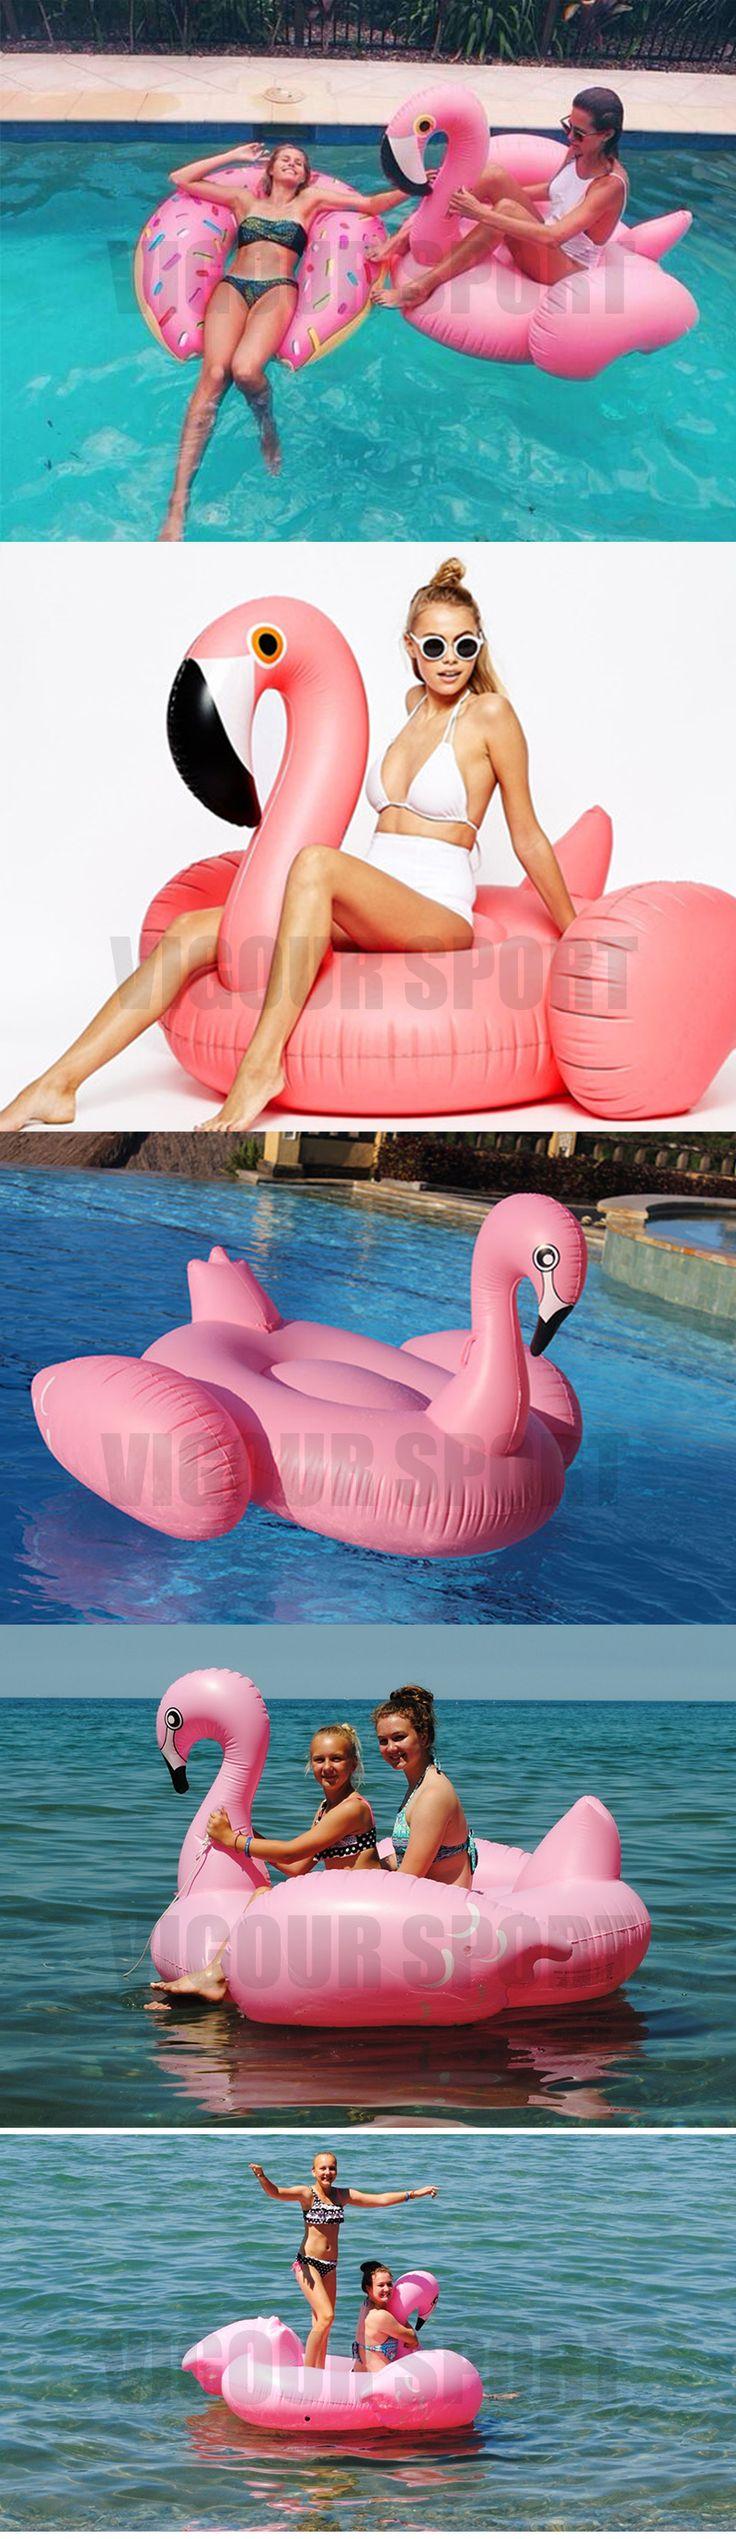 M s de 25 ideas fant sticas sobre flotadores de piscina en for Juguetes de piscina